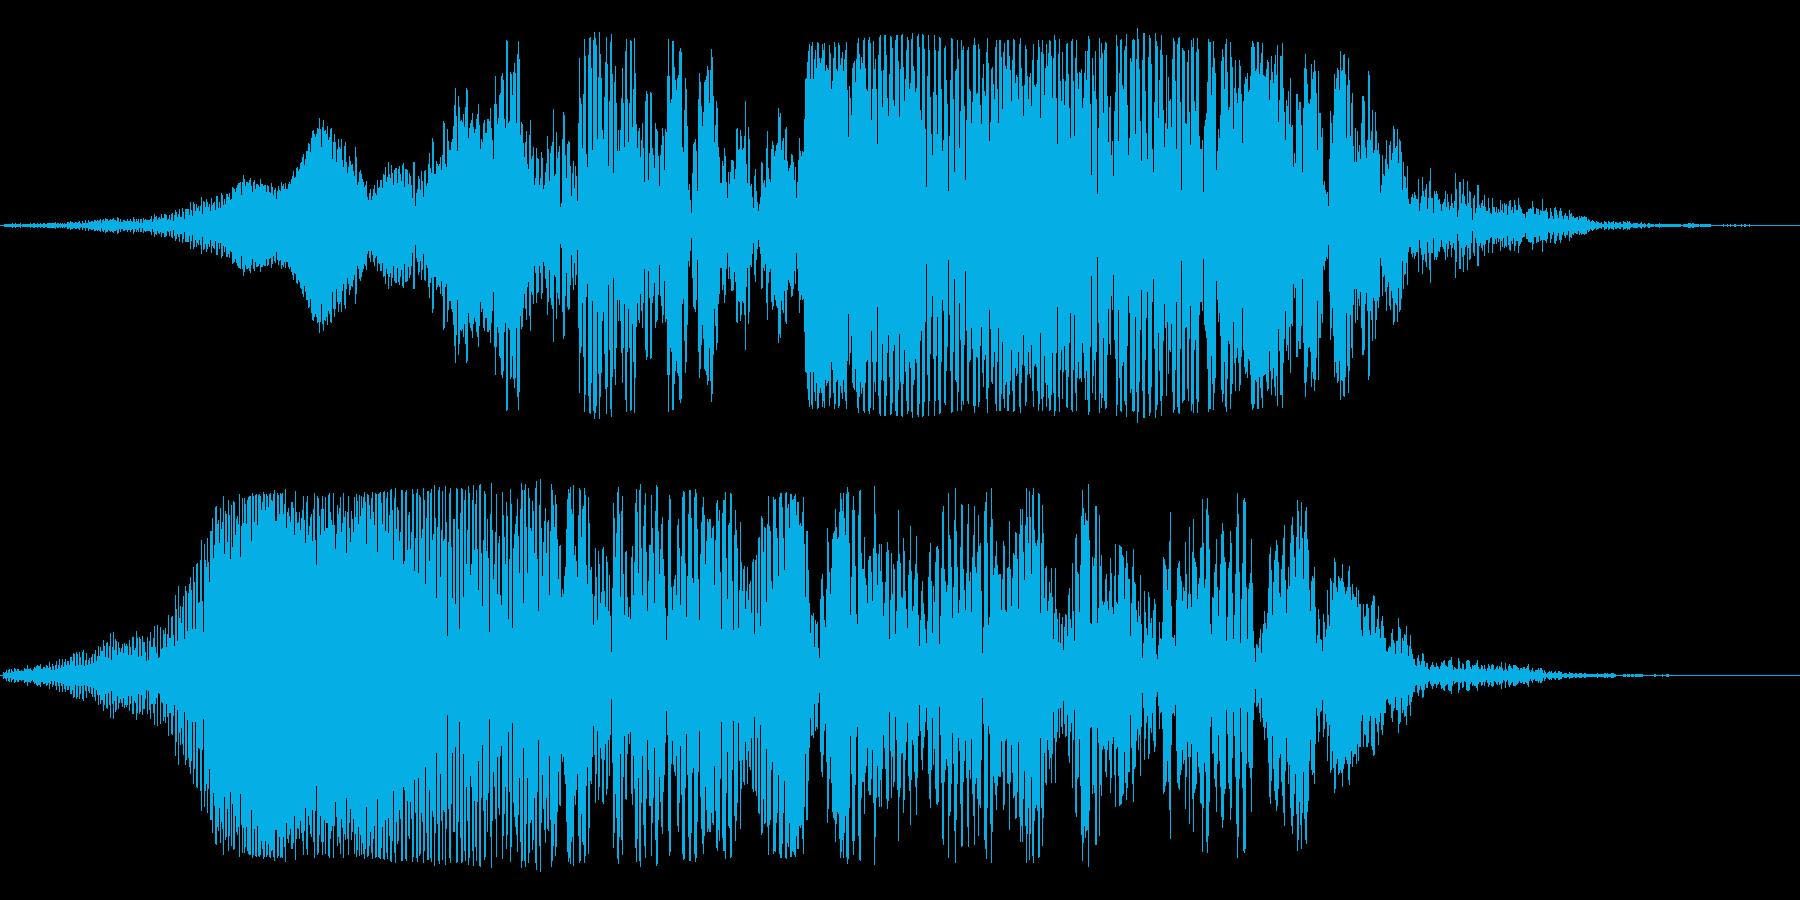 宇宙船通過(下り調子・透明感のある低音)の再生済みの波形